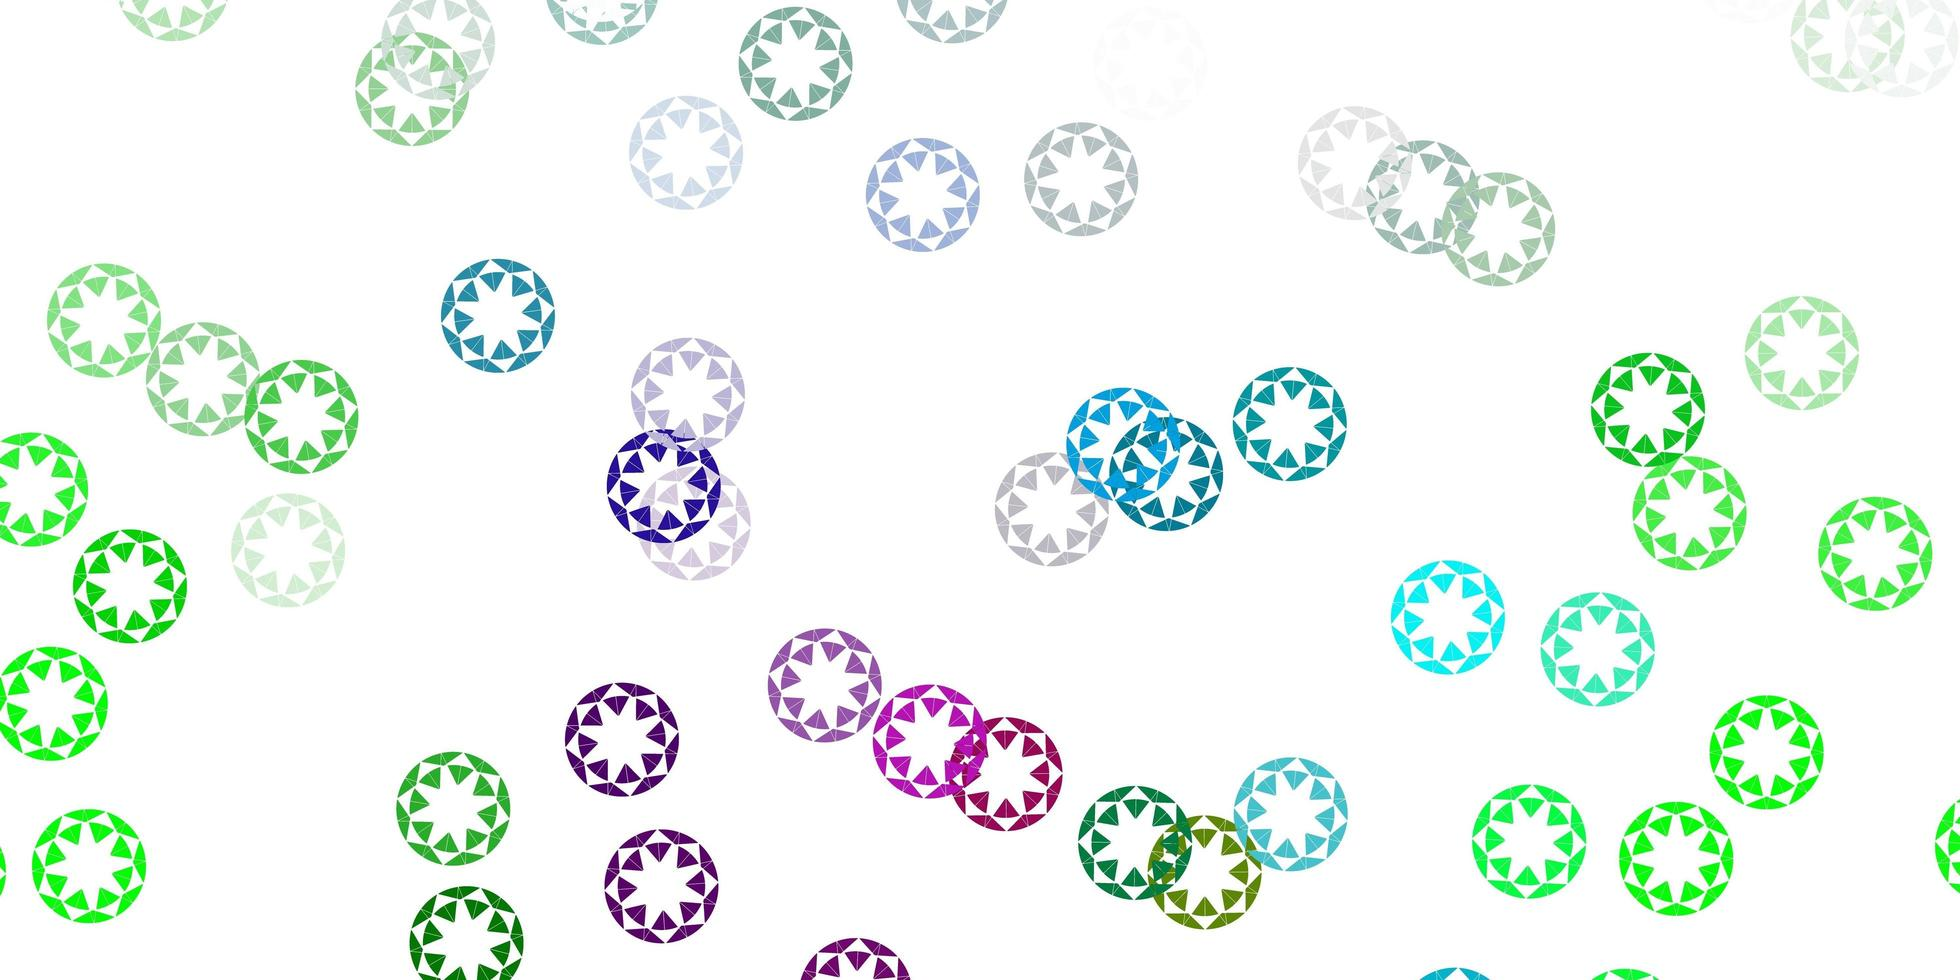 padrão de luz rosa, verde vetor com esferas.